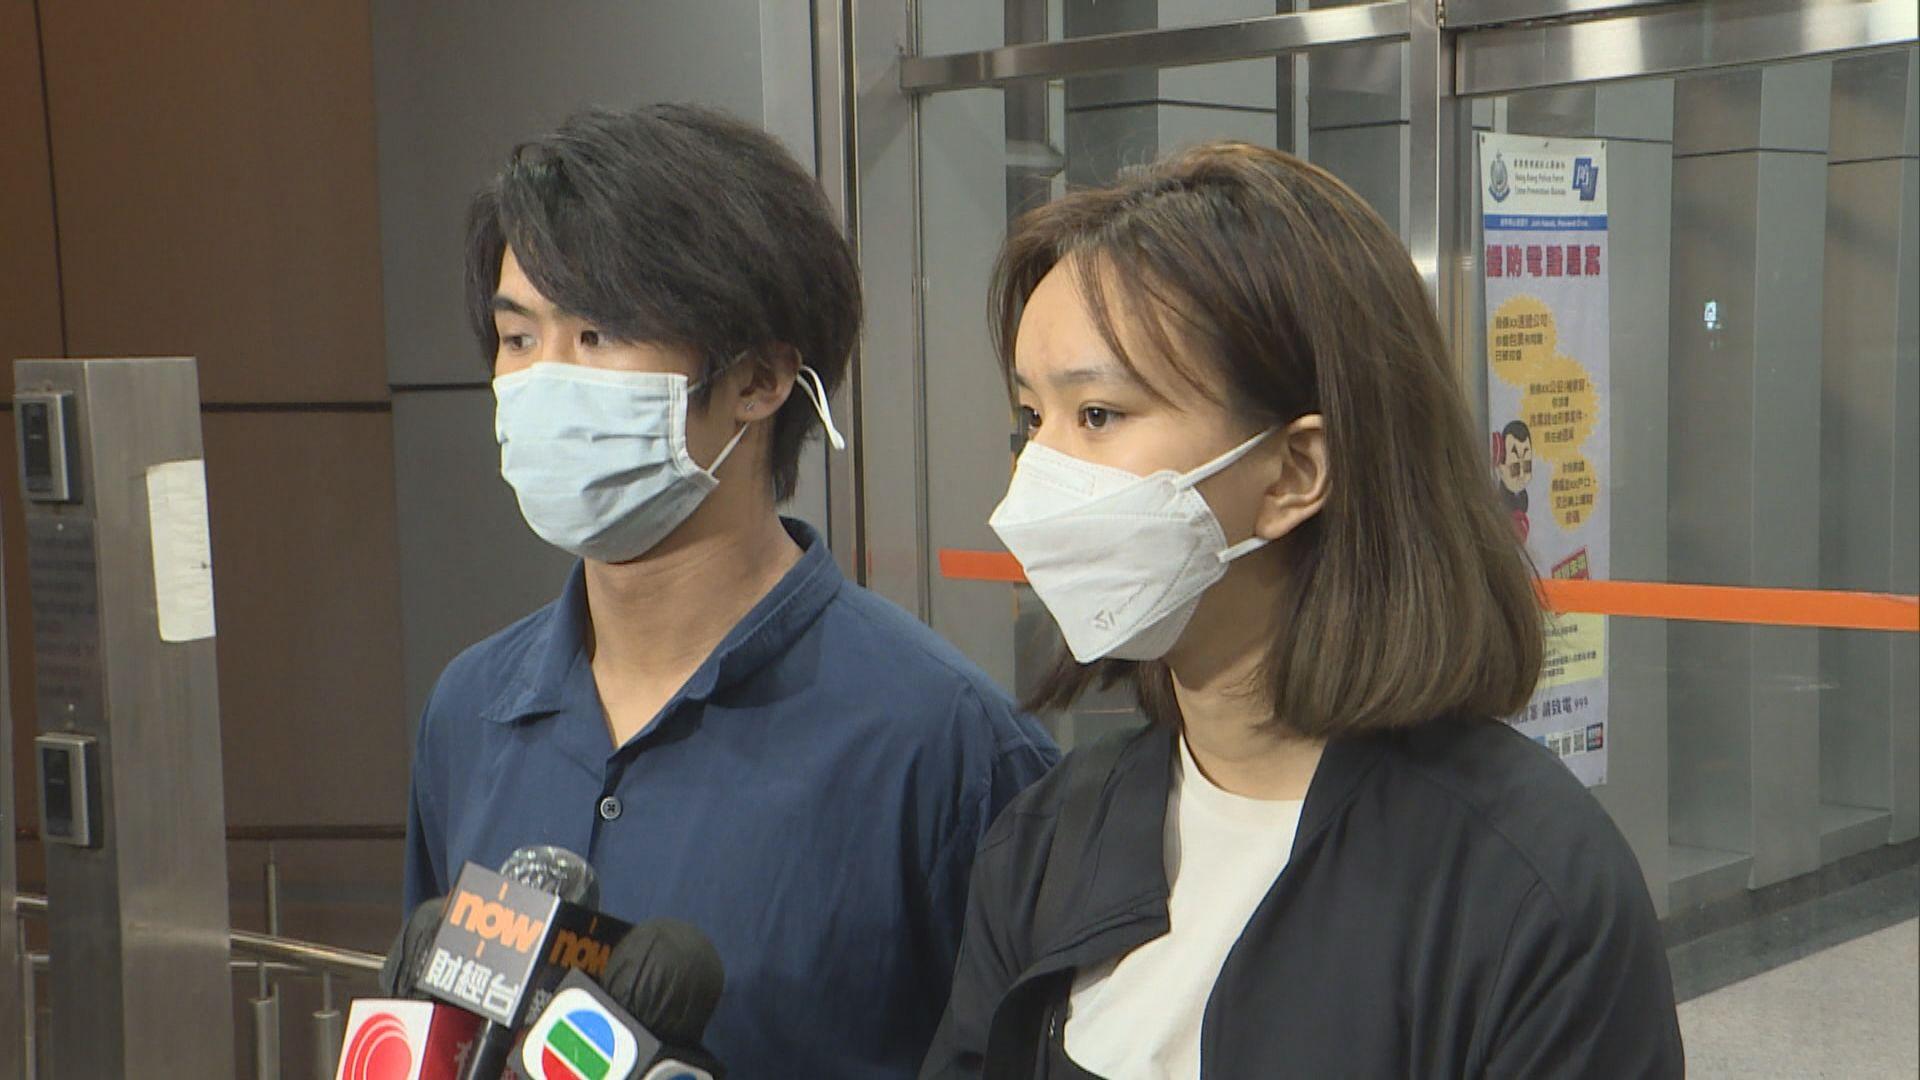 賢學思政兩成員凌晨獲釋 涉參與及宣傳非法集結